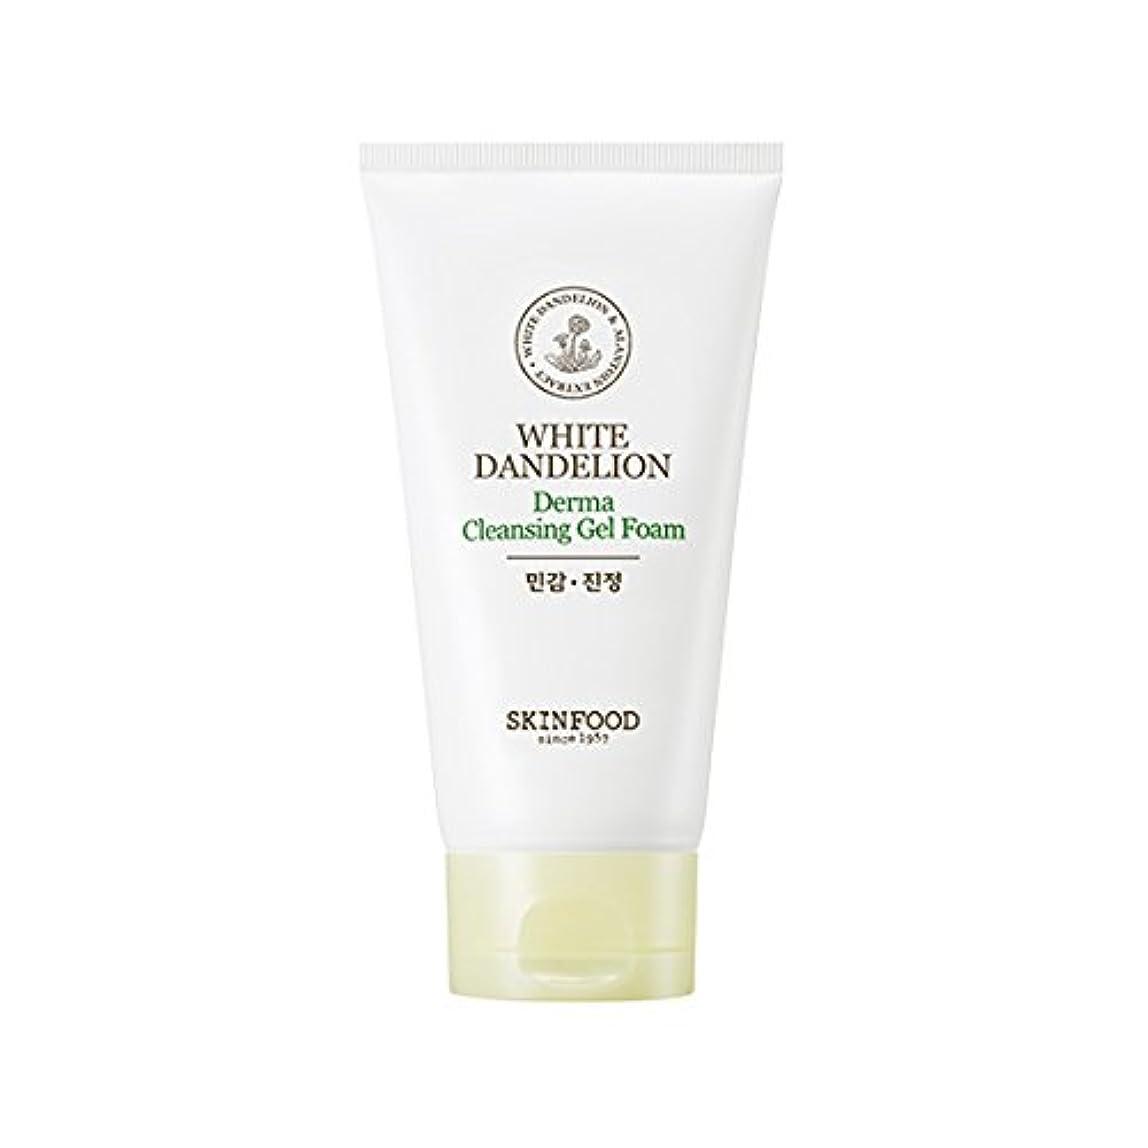 争うと遊ぶ影響Skinfood/White Dandelion Derma Cleansing Gel Foam/ホワイトタンポポダーマクレンジングジェルフォーム/150ml [並行輸入品]